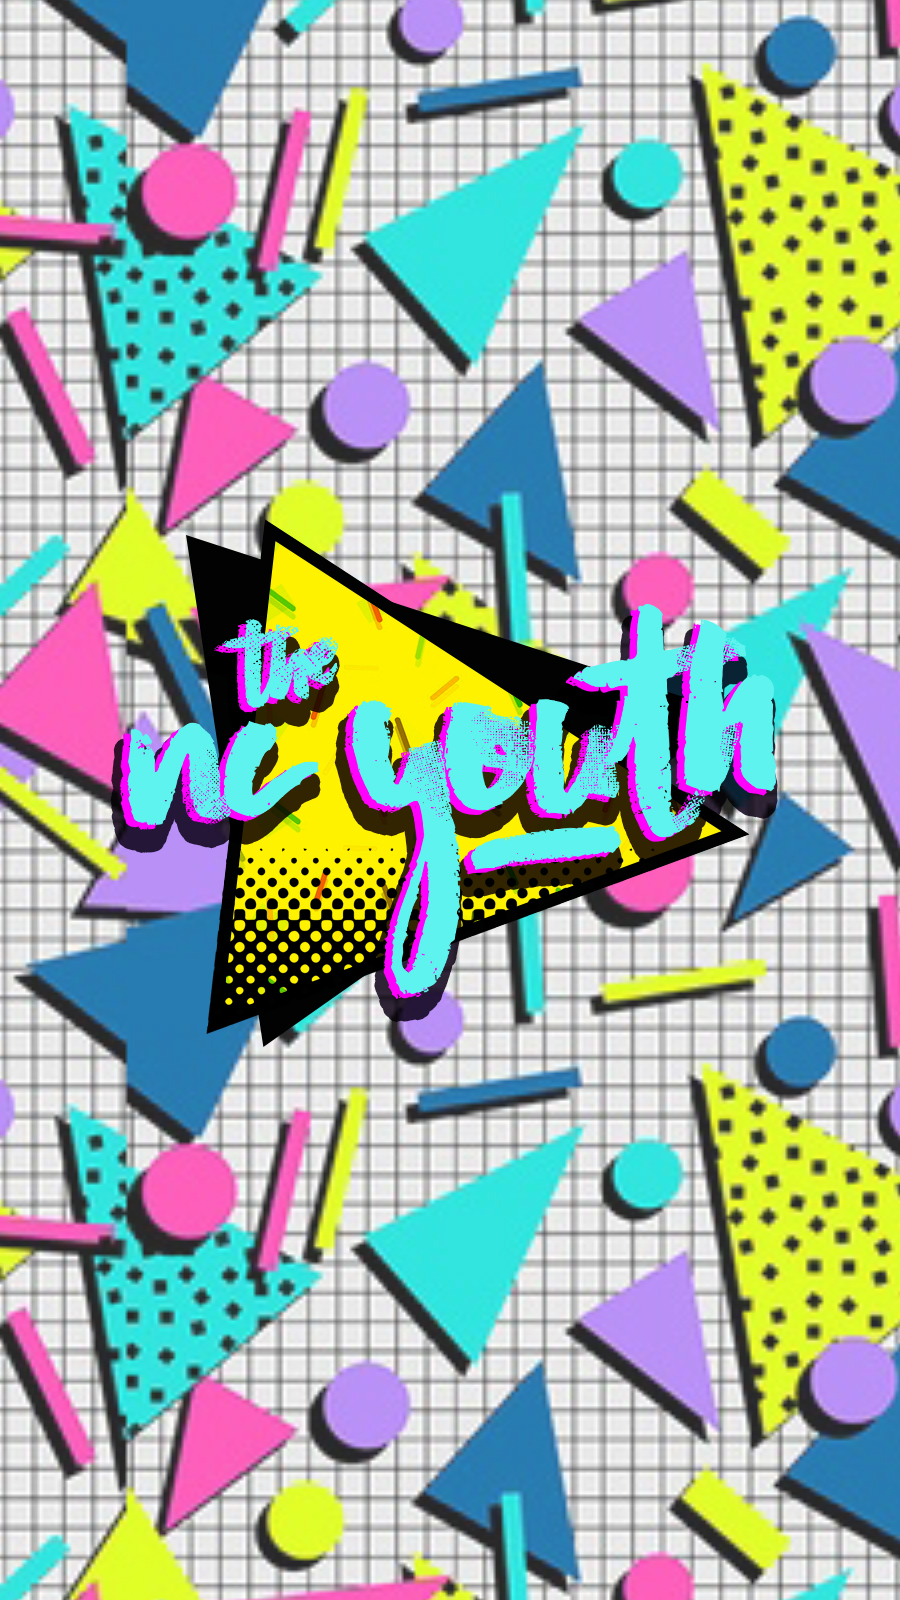 NC Youth Phone BG Light.jpg